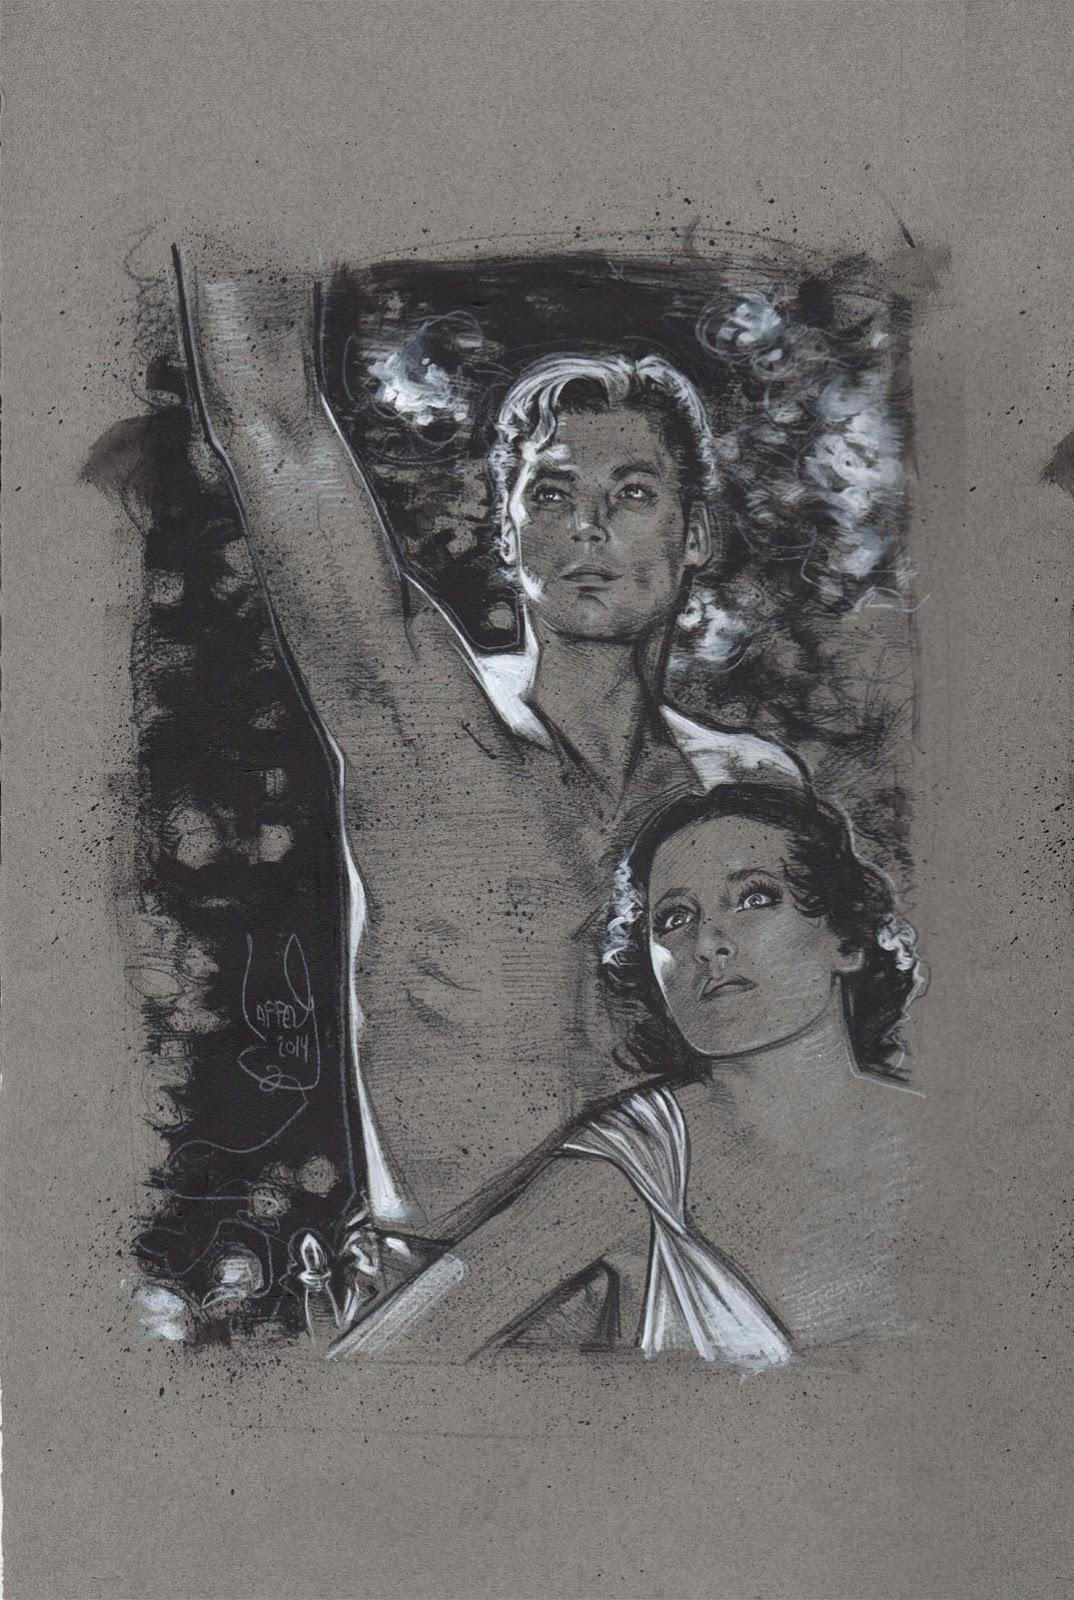 Johnny Weissmuller as Tarzan, Artwork is Copyright © 2014 Jeff Lafferty